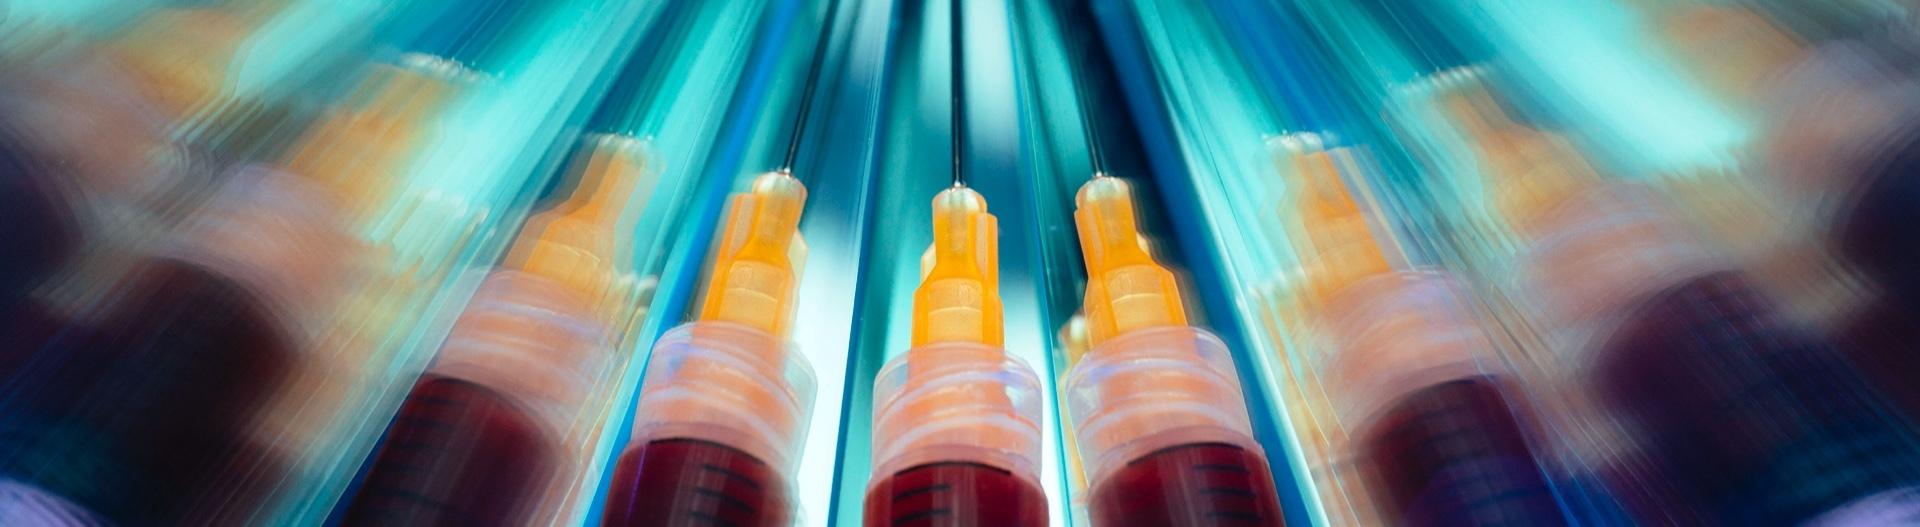 Spritzen mit einem Impfserum